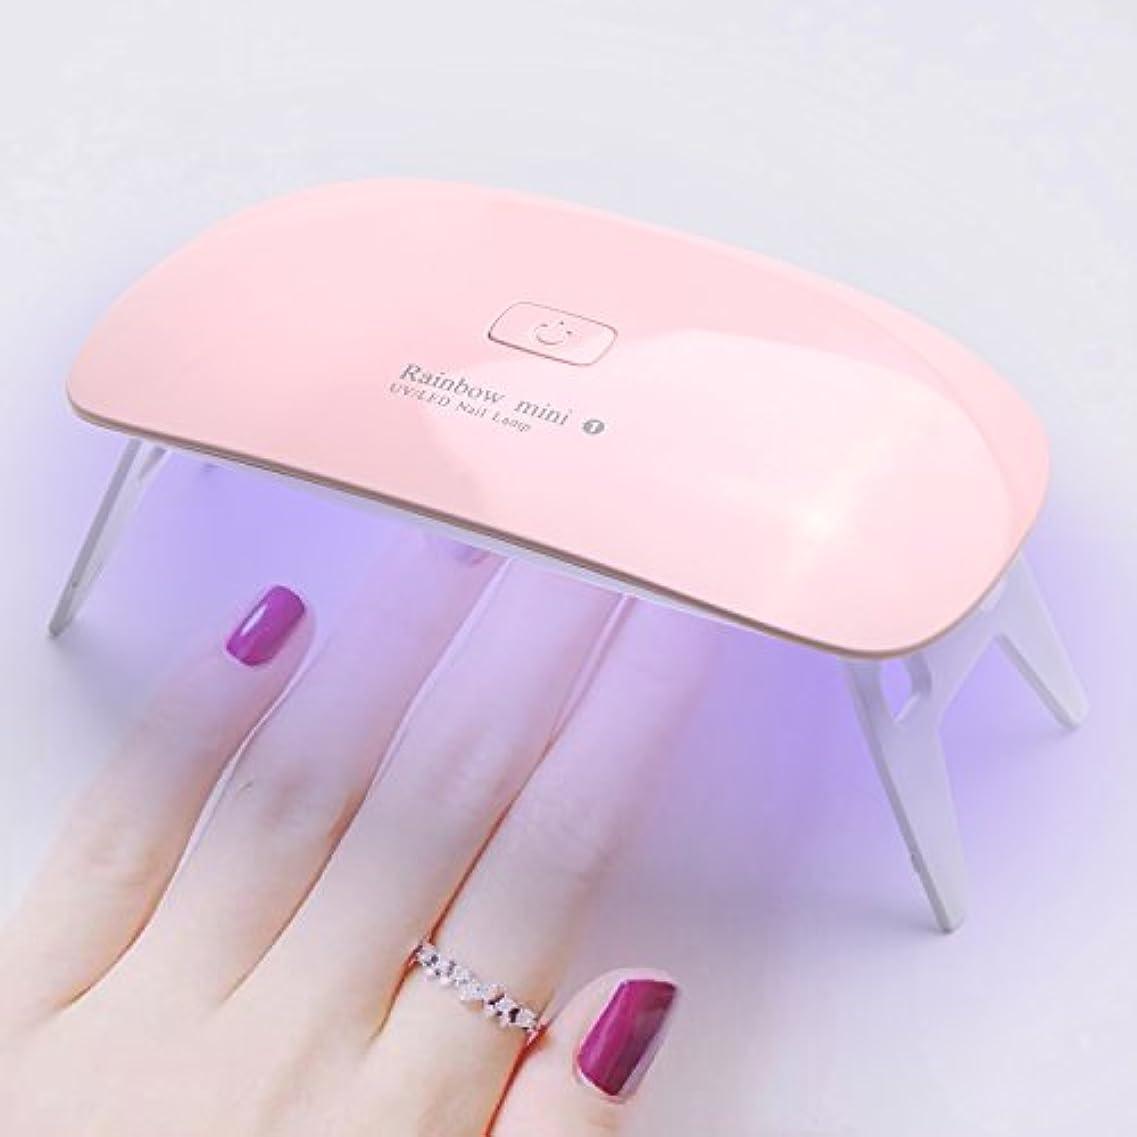 クルーズ枠くさびLEDネイルドライヤー AmoVee UVライト タイマー設定可能 折りたたみ式 ジェルネイル用 (pink)